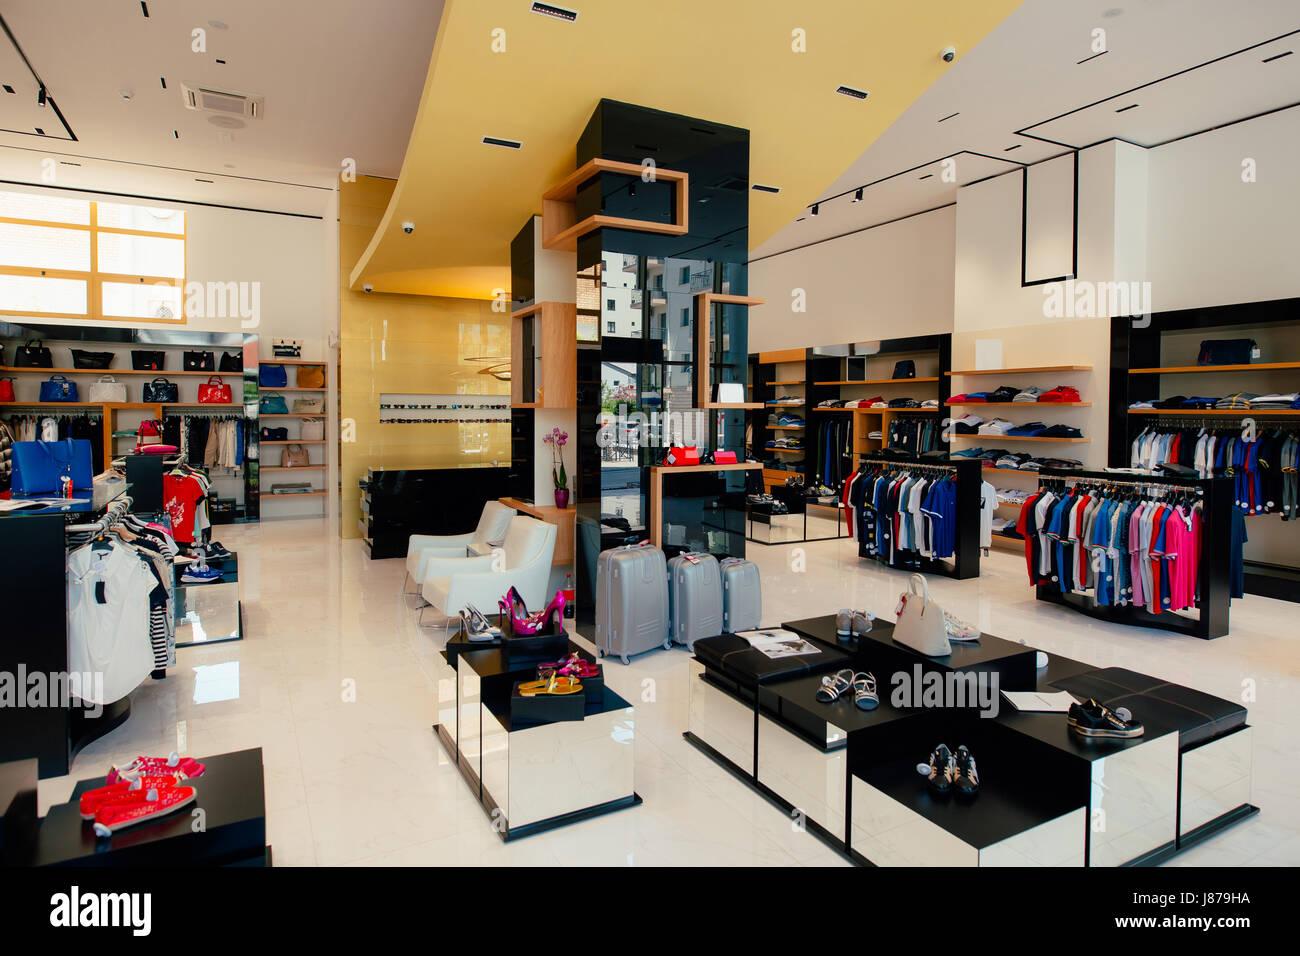 78ebf5f53e52 Interno di un negozio di abbigliamento. Capi di abbigliamento per uomini e  donne sugli scaffali del negozio. Shopping fine hall Negozio di  abbigliamento.